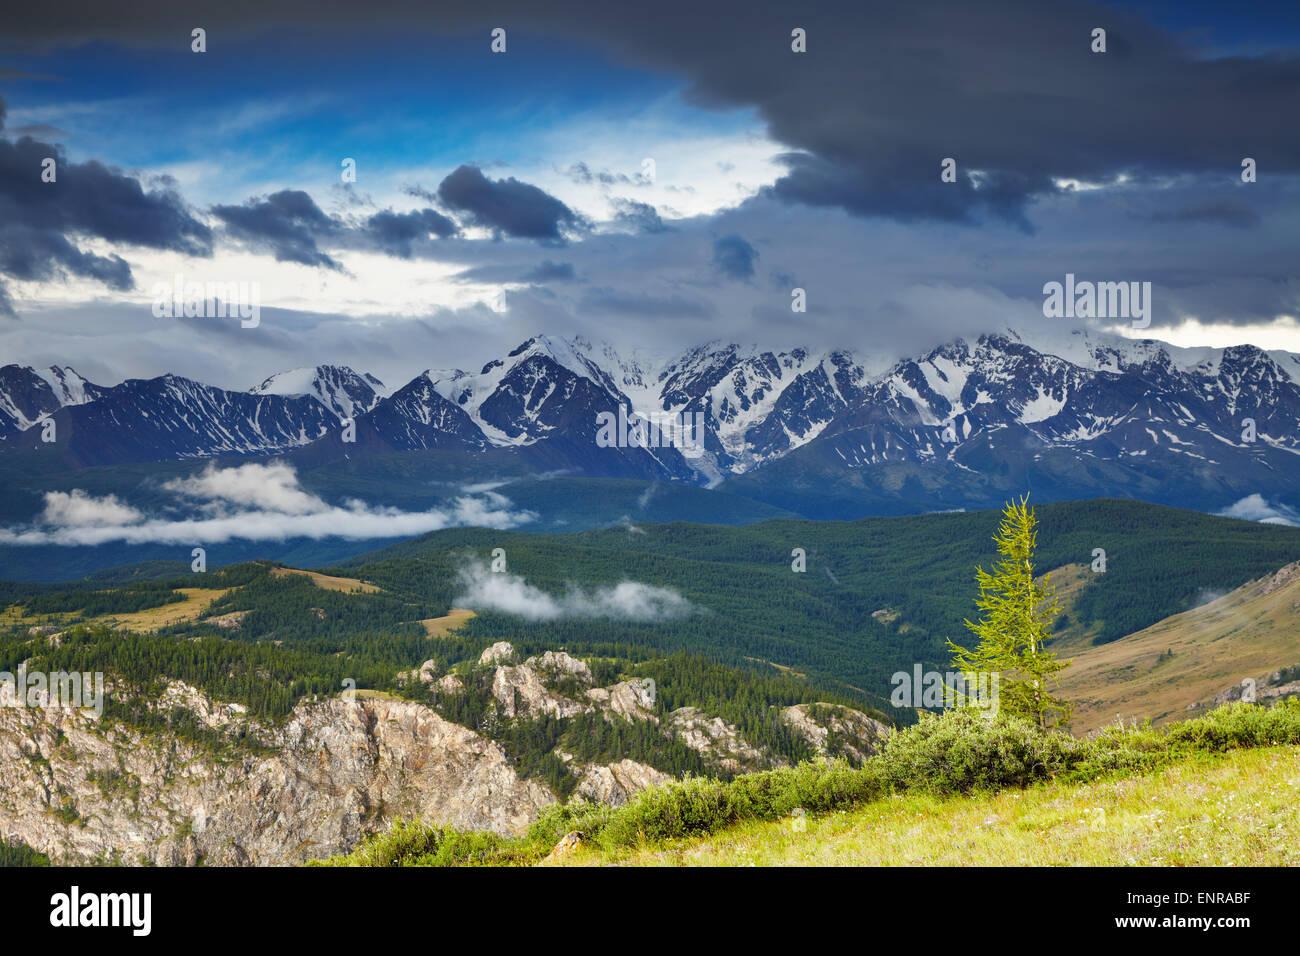 Paesaggio con montagne innevate e cielo molto nuvoloso Immagini Stock